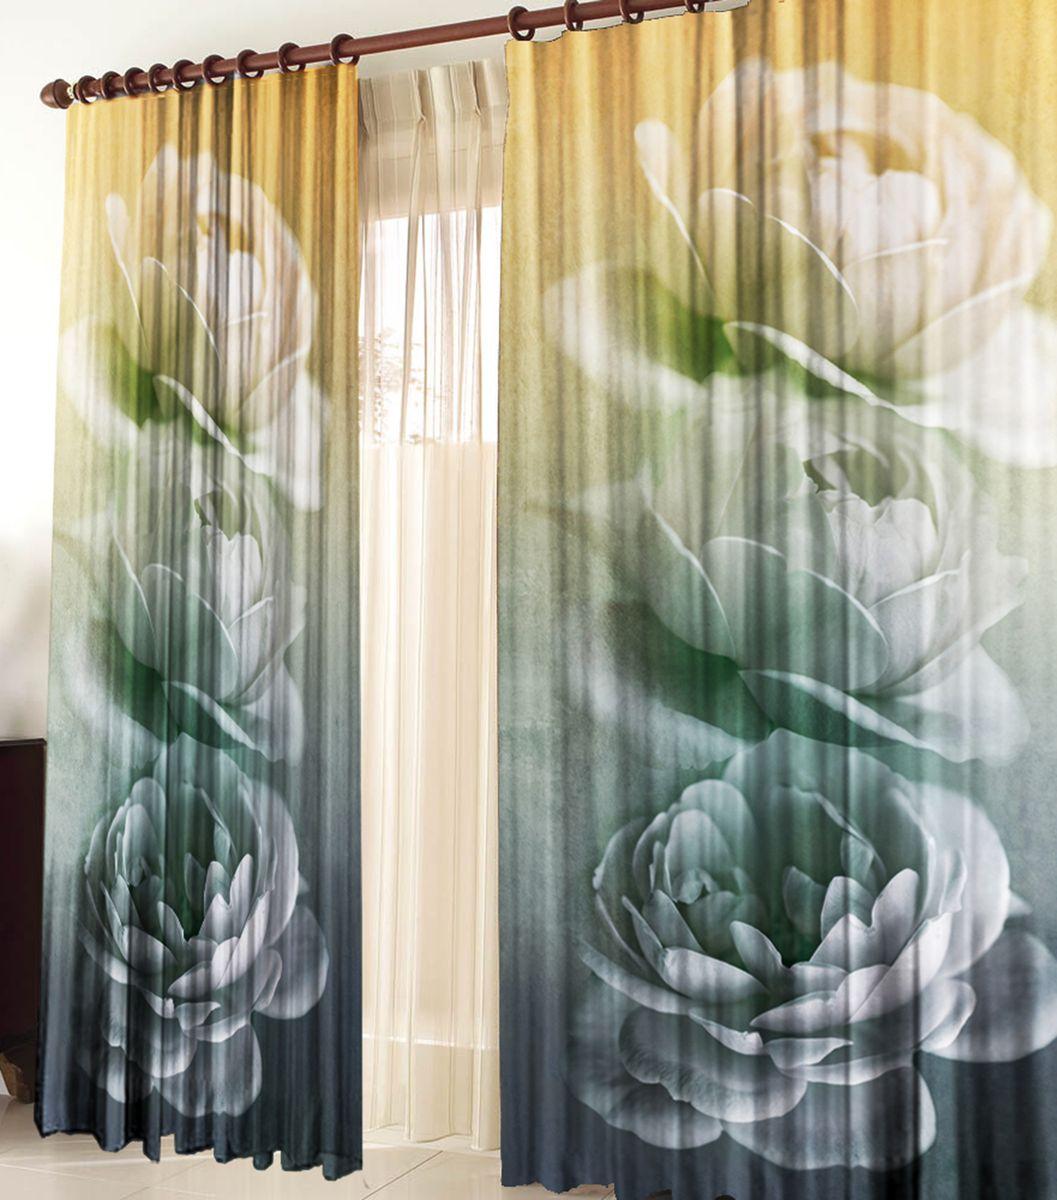 Комплект фотоштор Zlata Korunka Грезы, на ленте, высота 270 см790009Комплект фотоштор Zlata Korunka изготовлен из габардиновой ткани высочайшего качества. Фотошторы способны не пропускать самый яркий свет, их можно гладить и стирать. Рекомендации по уходу: бережная стирка при 30°С, деликатный отжим, отбеливание запрещено, гладить при температуре не более 150°С. Светопоглощение 70%. Плотность ткани: 150 г/м2. Оттенок изделия может отличаться от представленного на сайте в силу особенностей цветопередачи фототехники и вашего монитора.